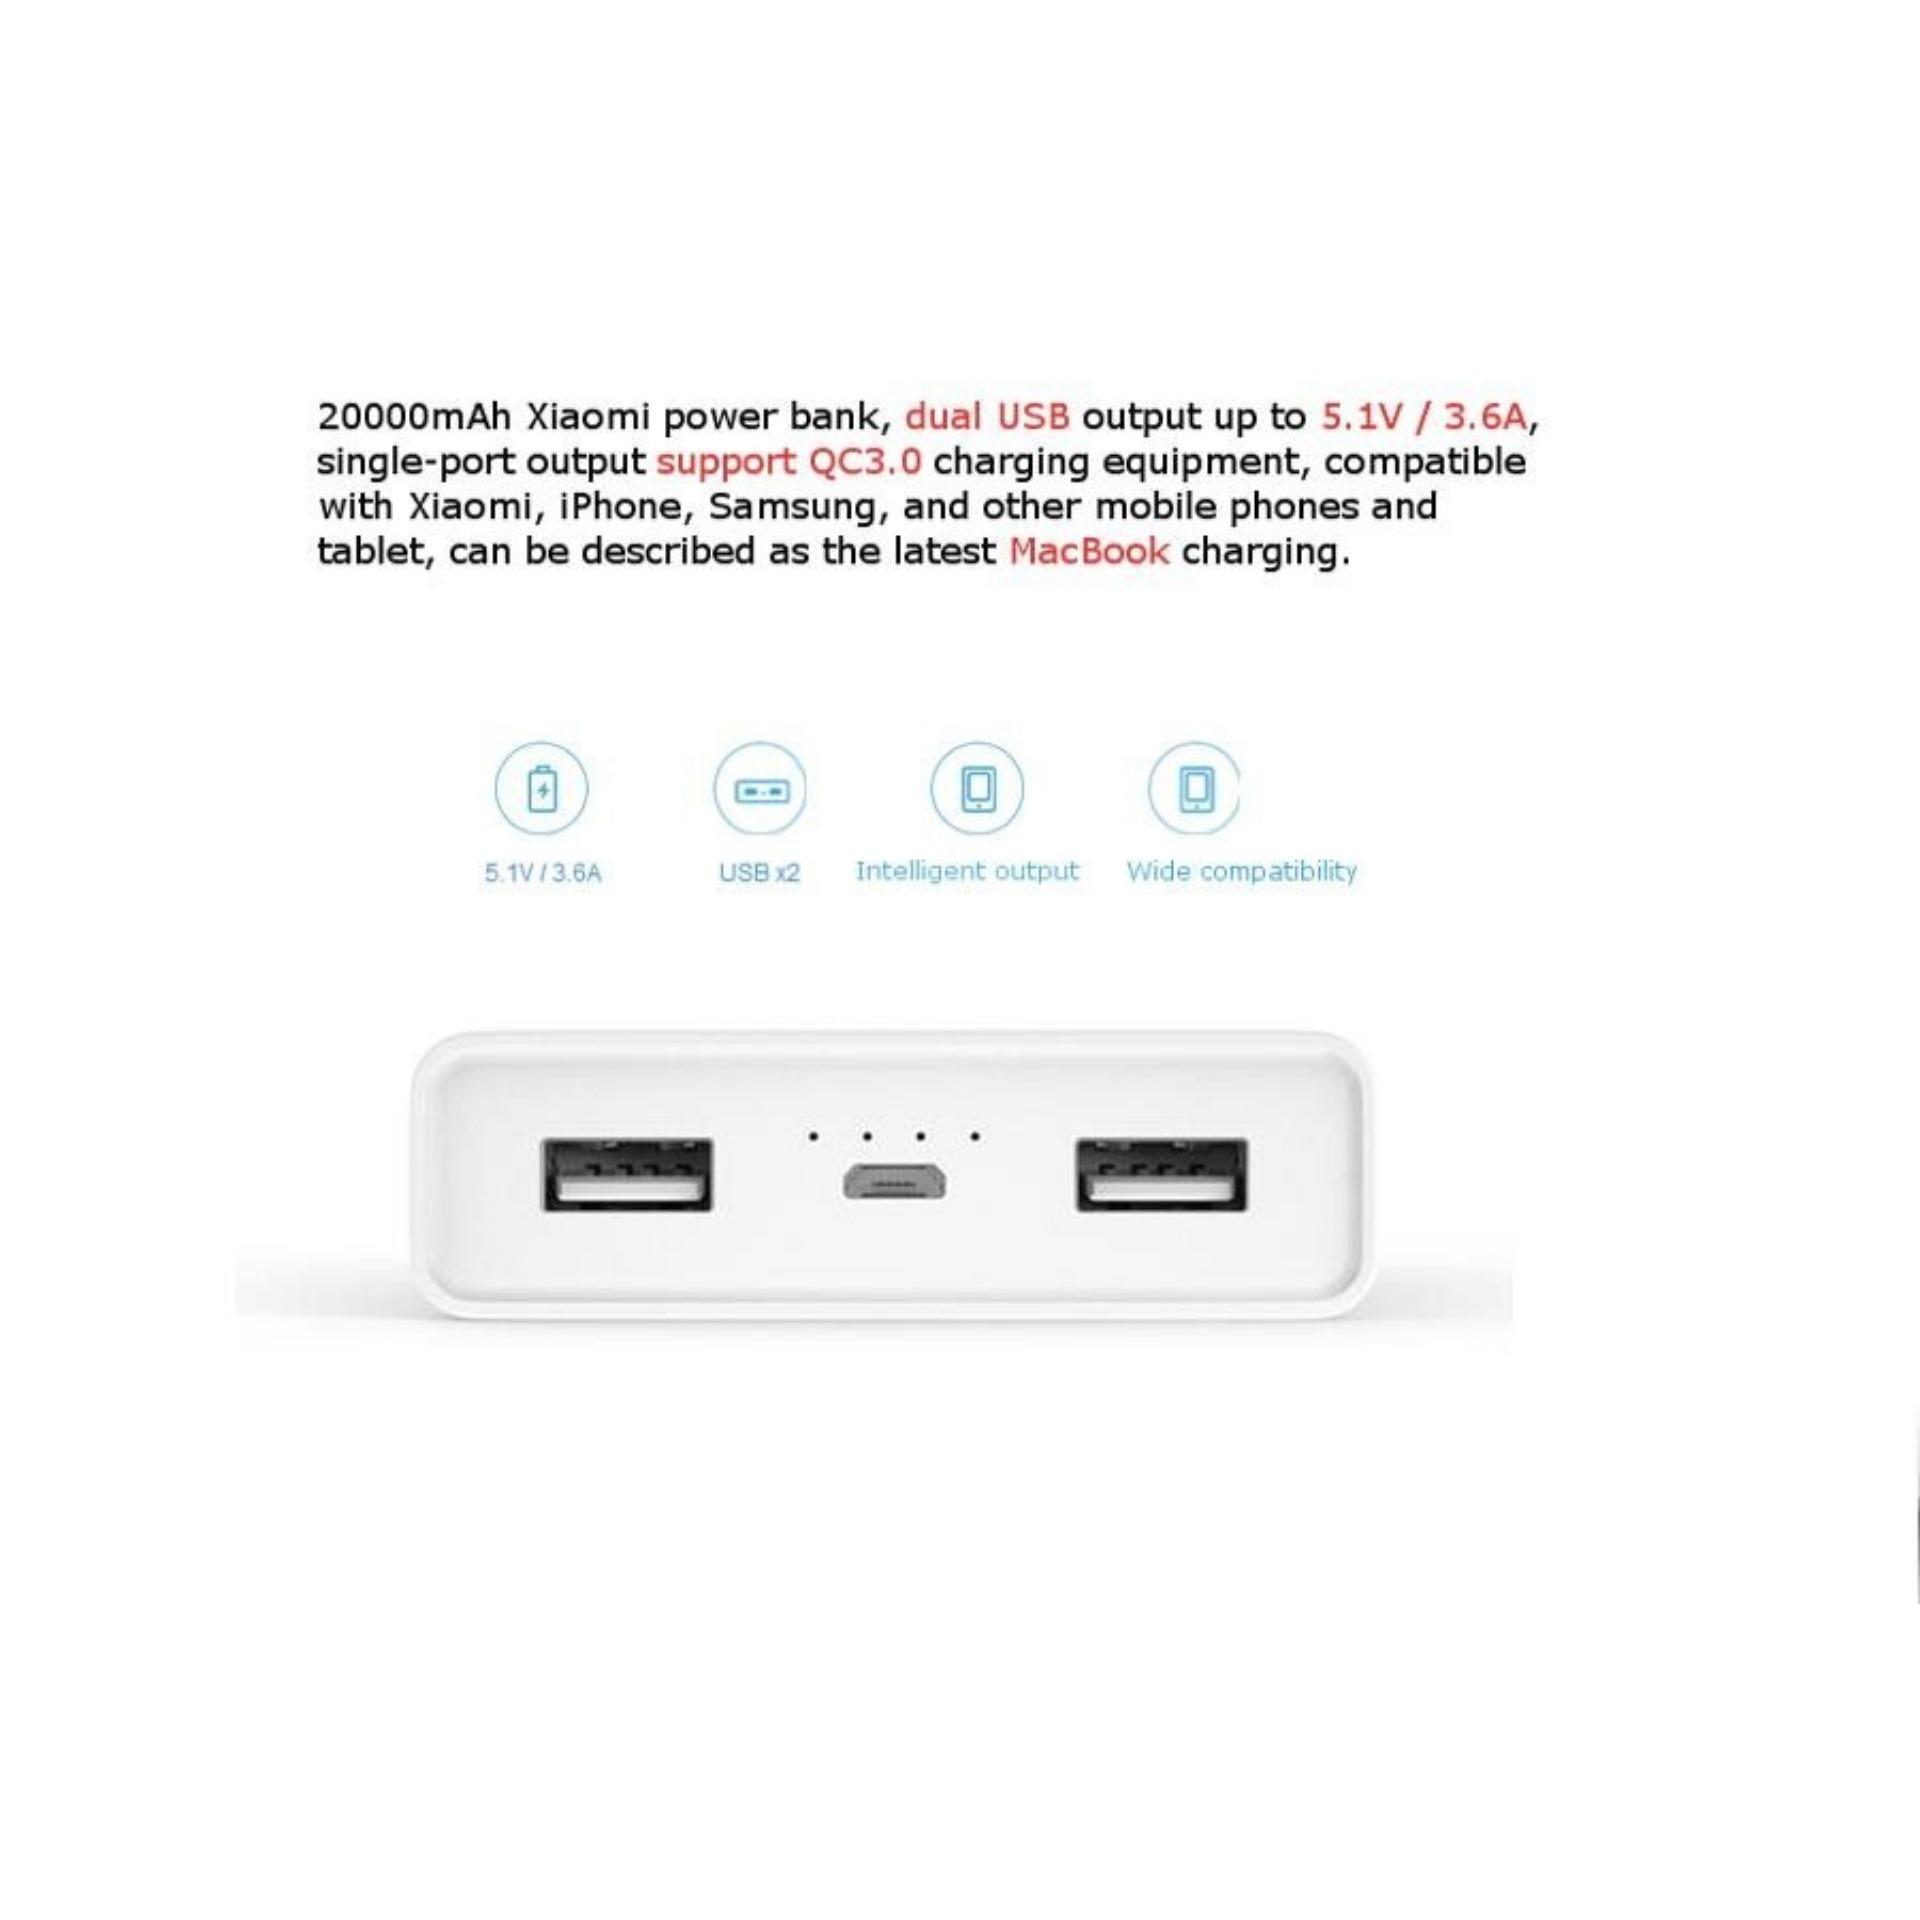 Fitur Xiaomi Power Bank 20 000mah Original Dual Port Usb Dan Harga Remax Car Charger 3 36a Detail Gambar 20000mah Terbaru